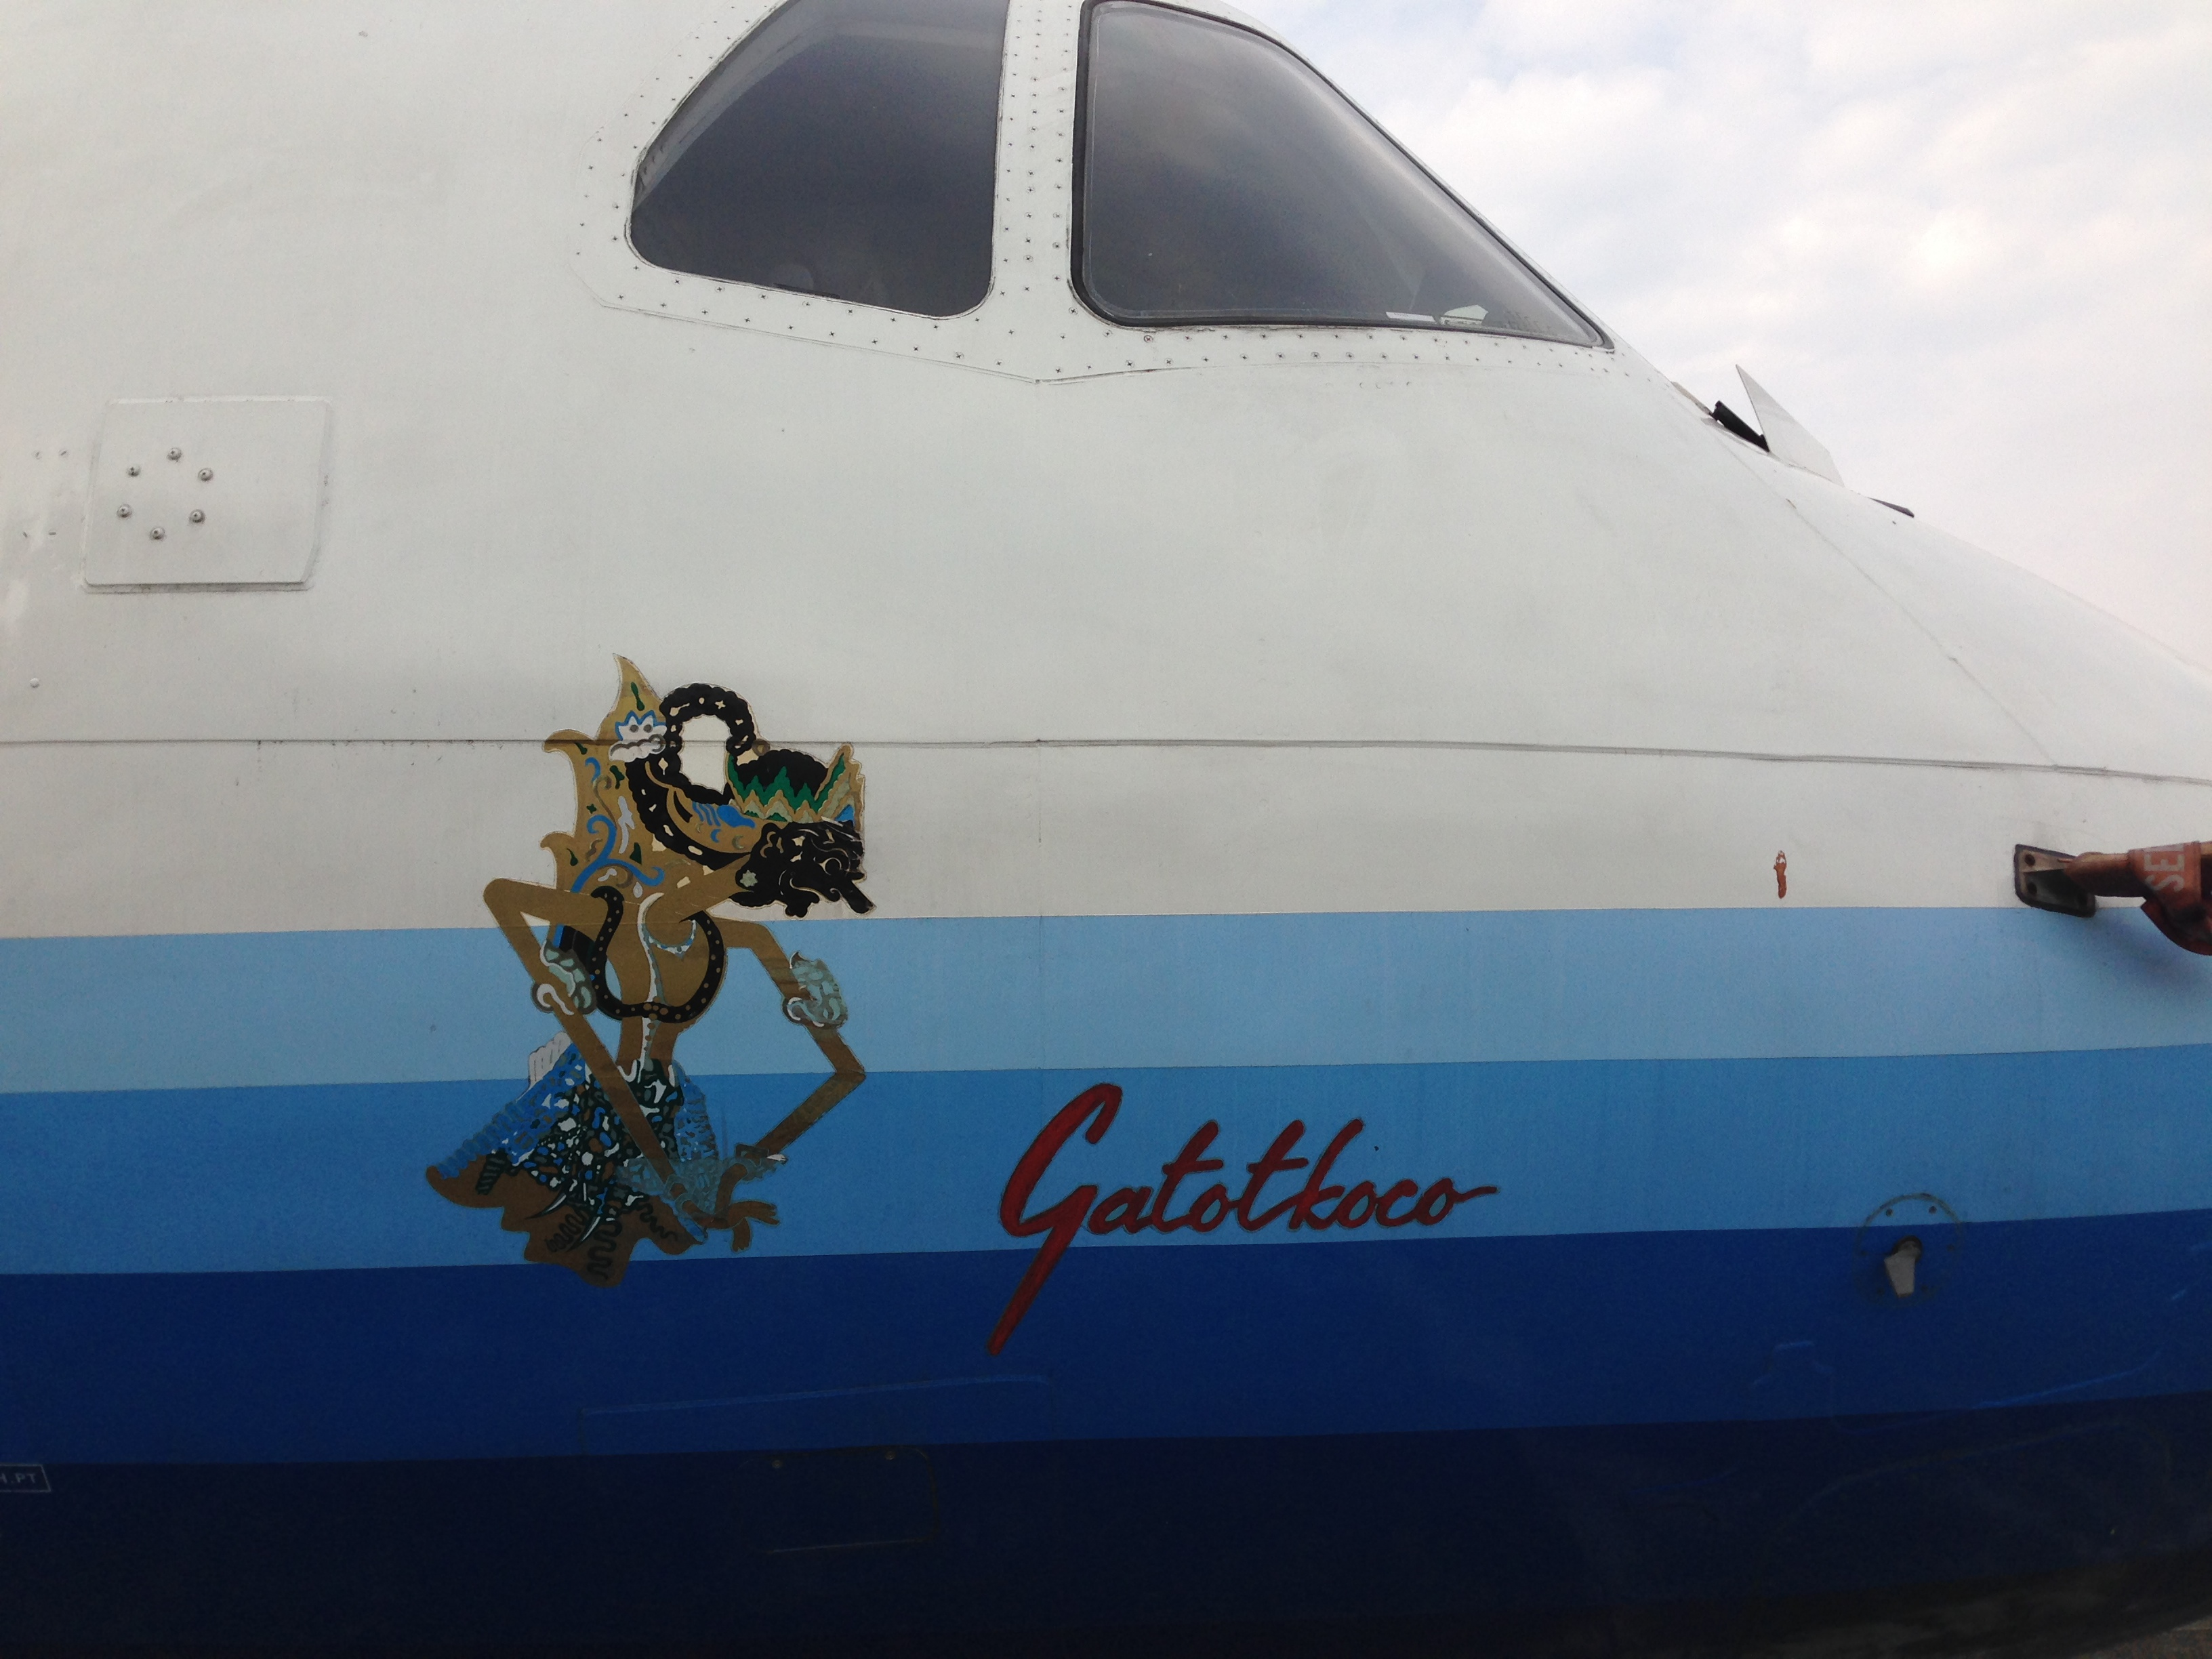 IPTN N250 Gatotkoco